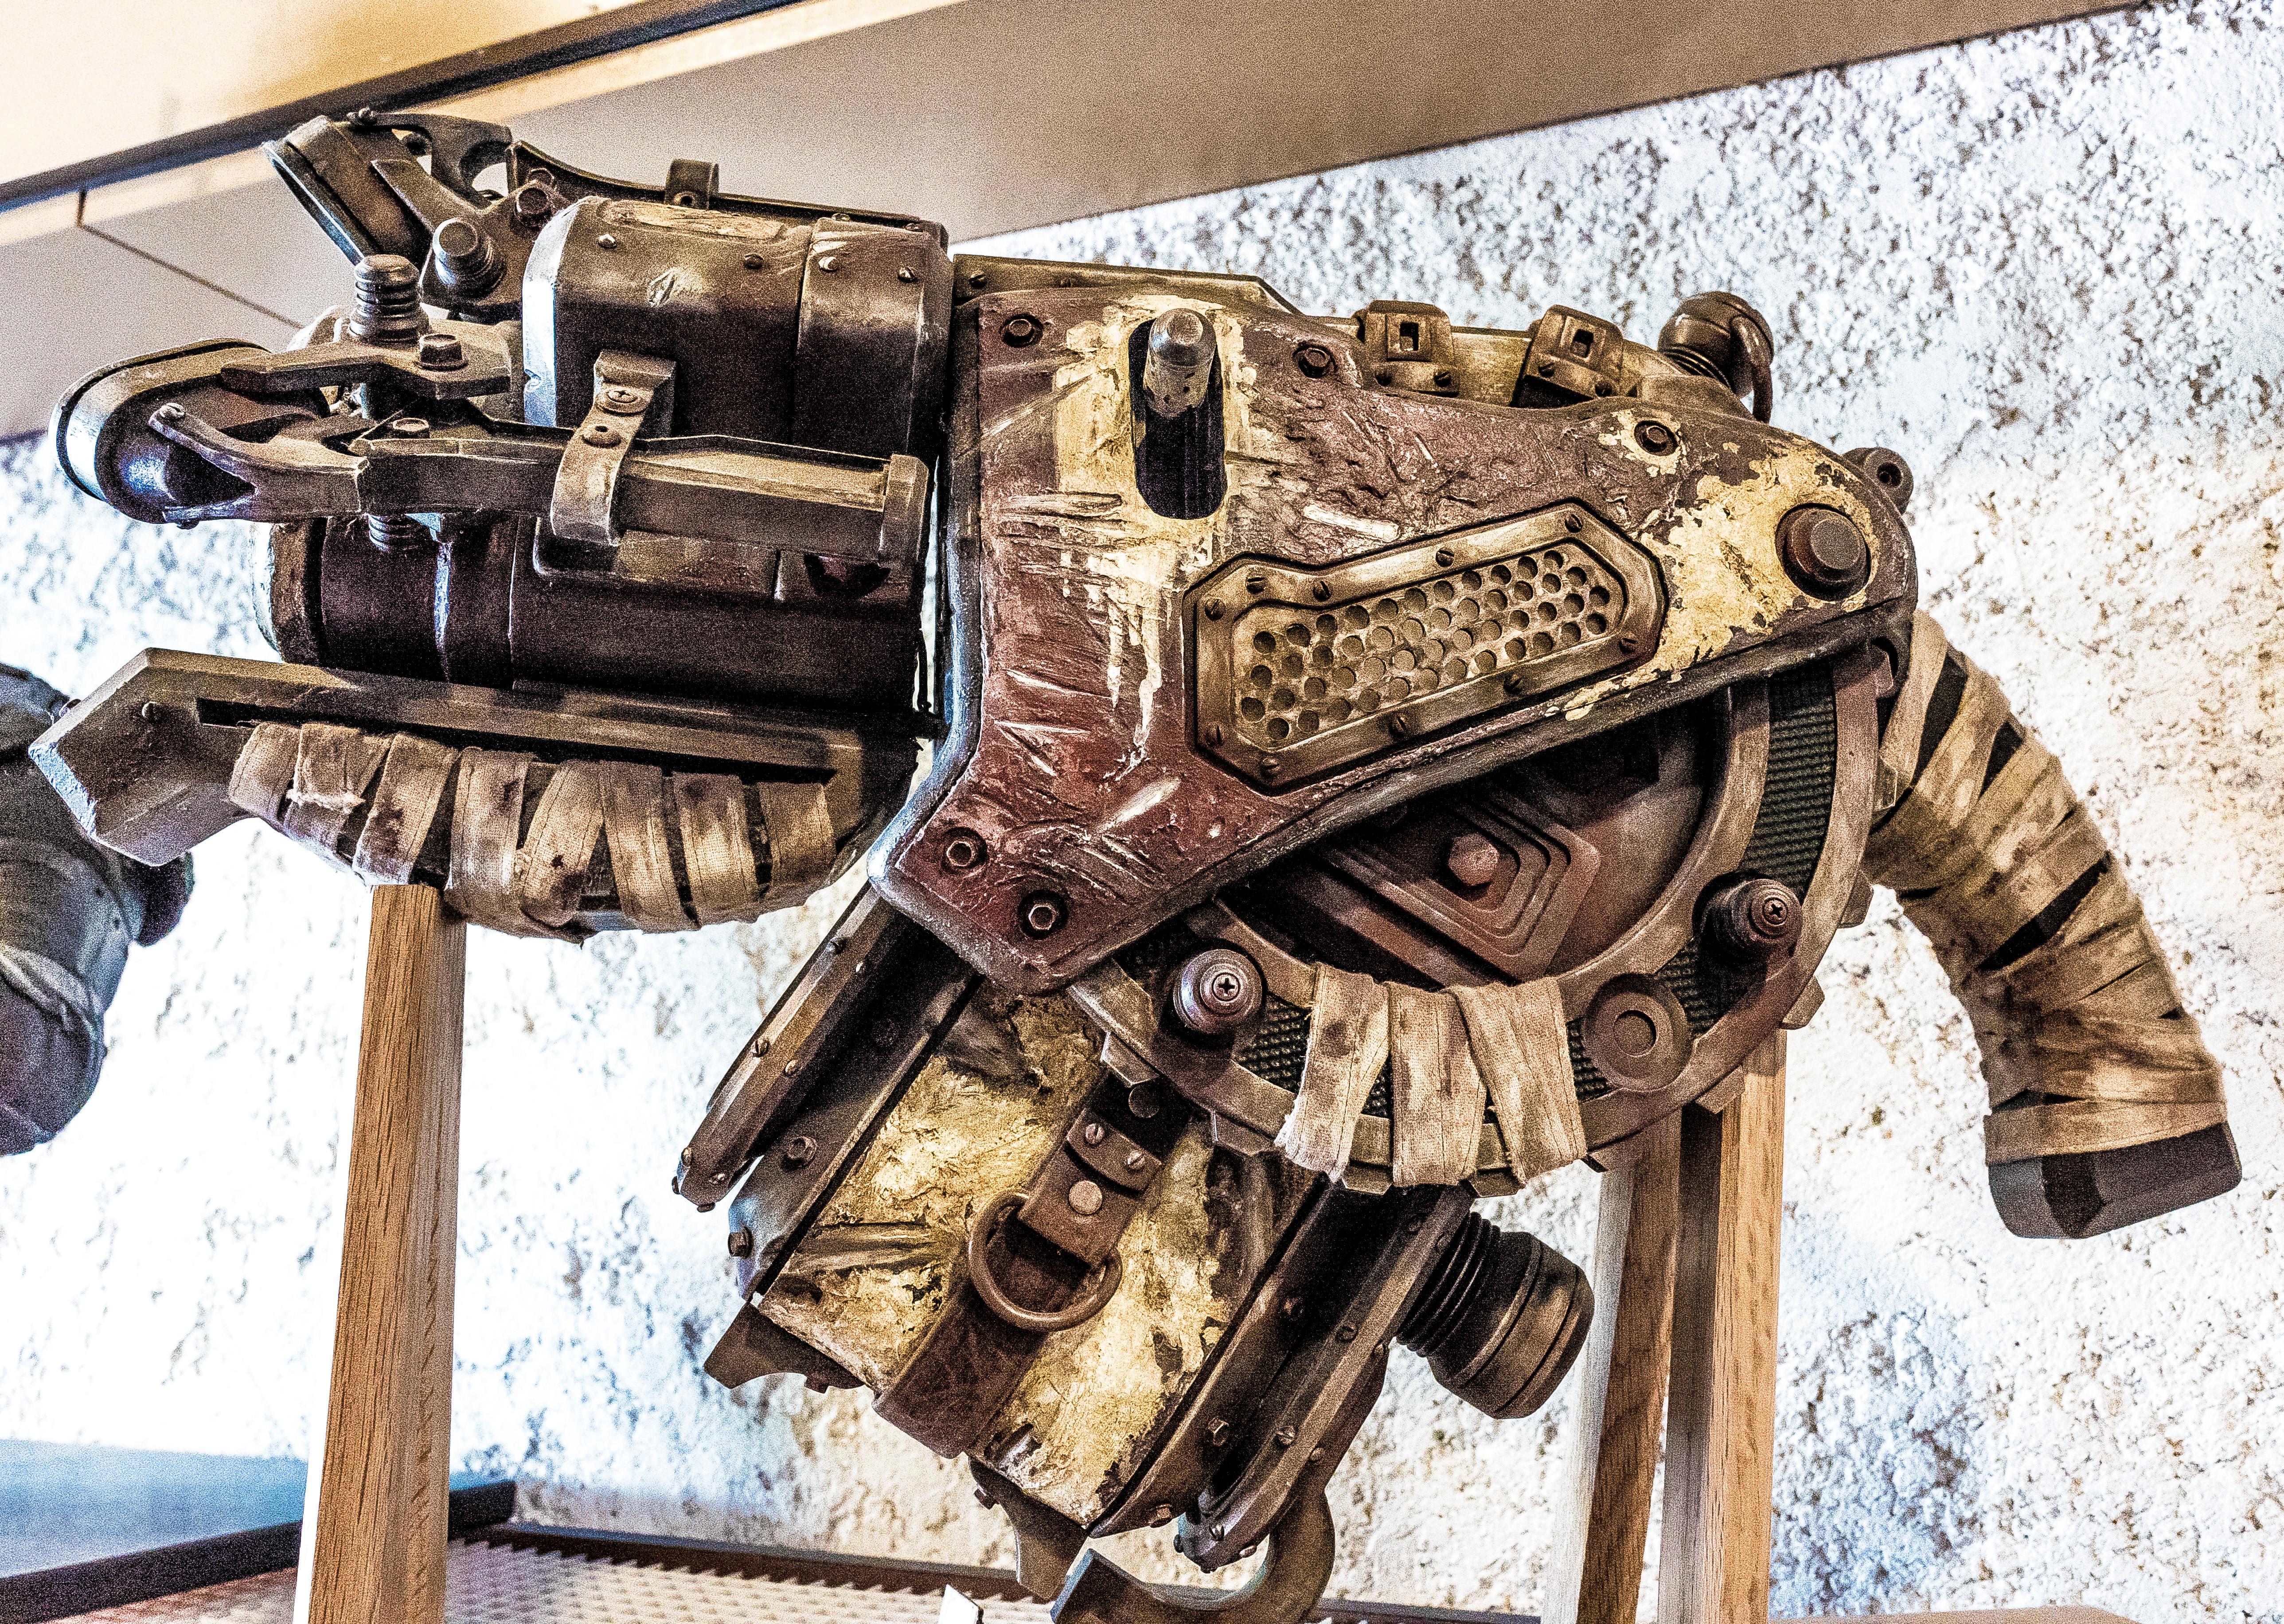 gears of war 3 wikipedia